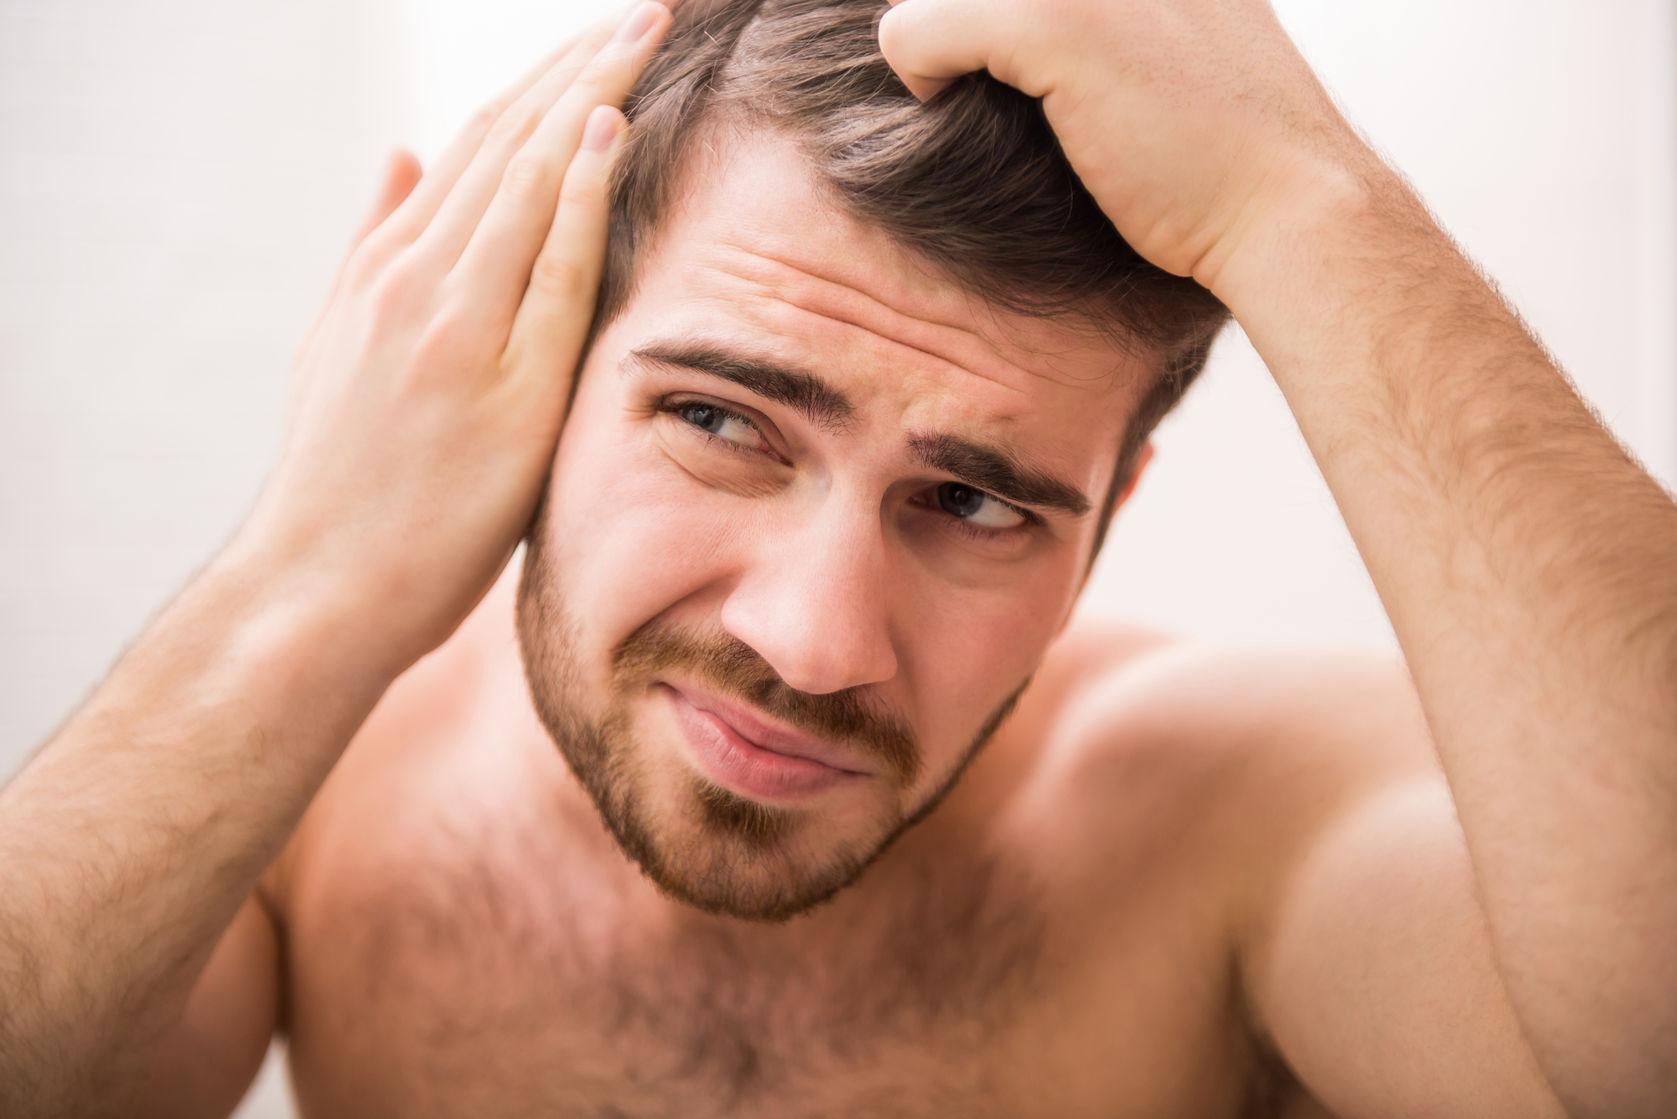 5 datos curiosos sobre la calvicie que seguramente no conocías